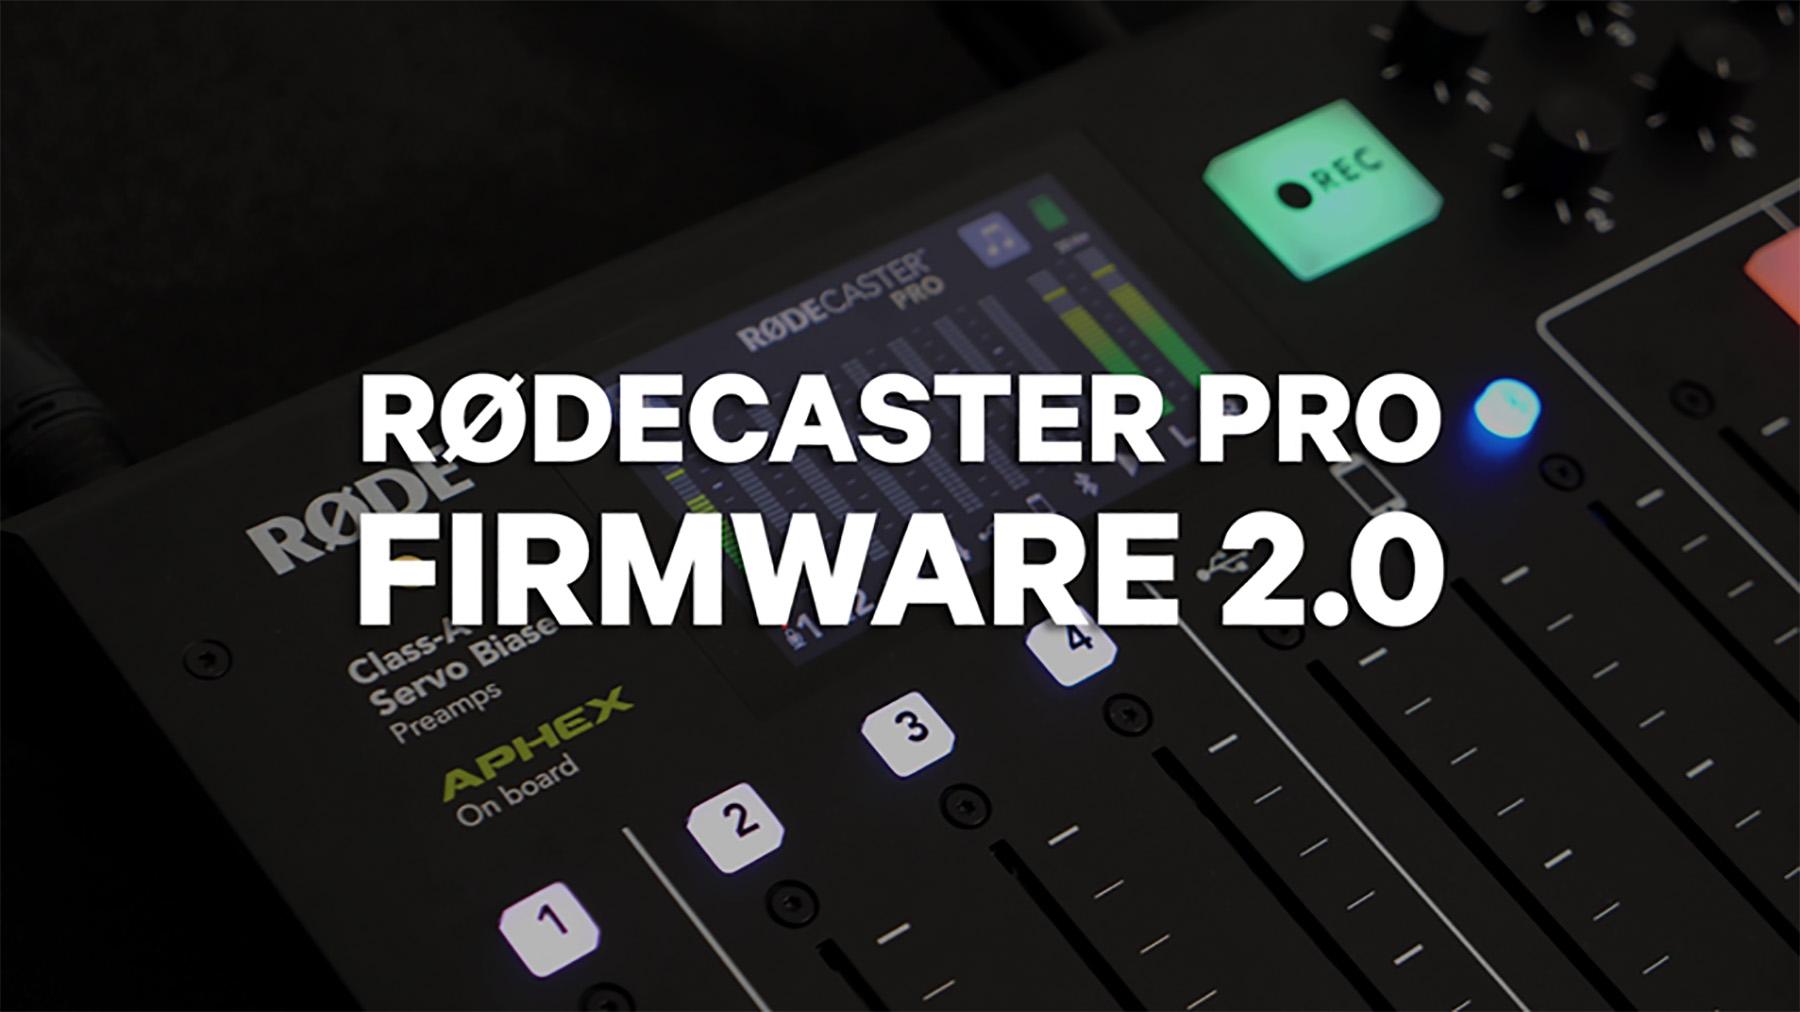 Røde veröffentlicht Firmware-Version 2.0 für das Broadcast-Interface RødeCaster Pro